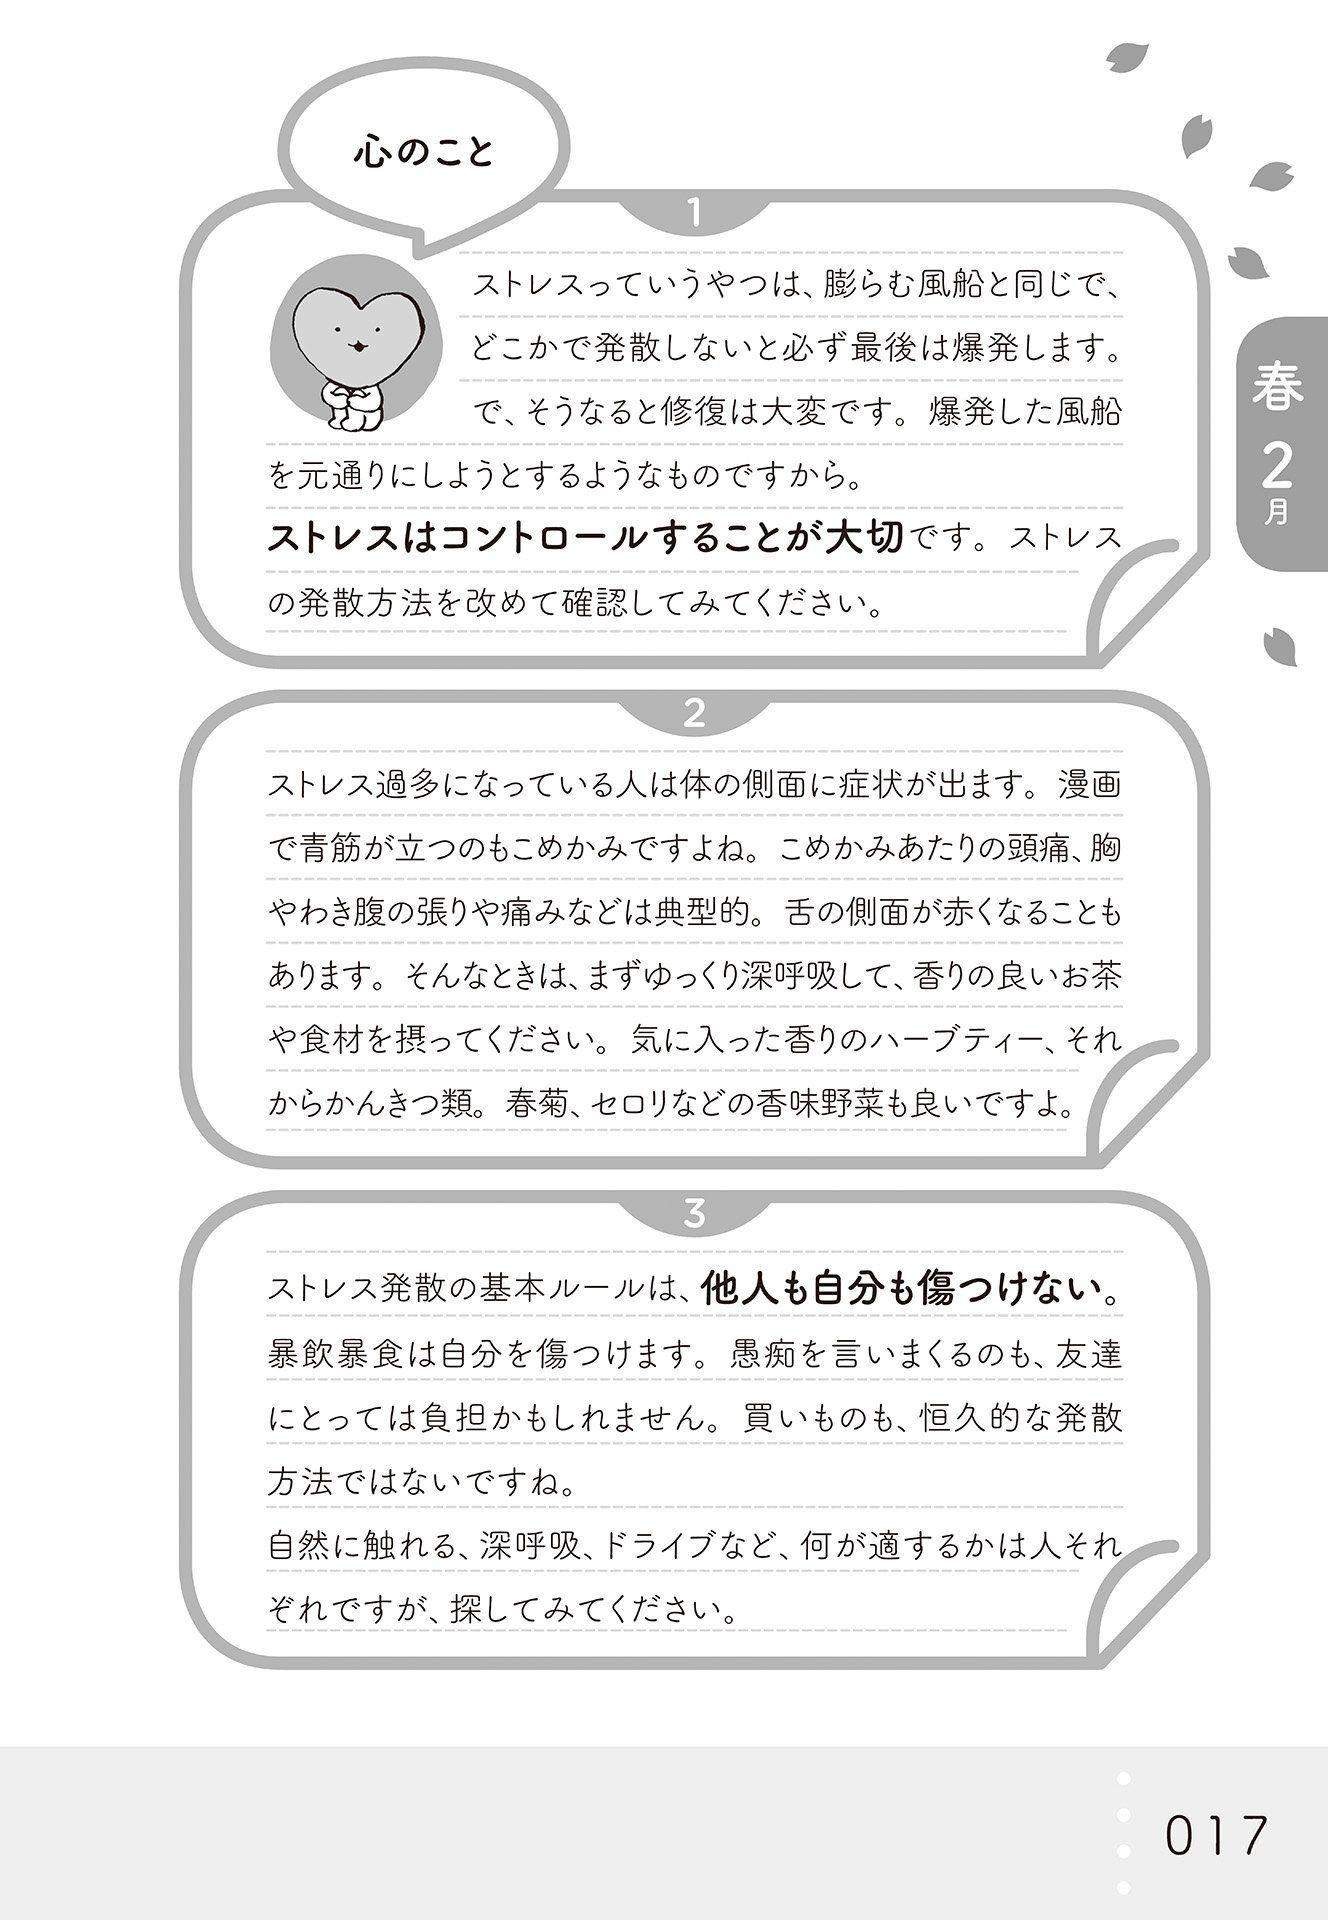 櫻井大典 On Twitter ライフマガジン 櫻井 ストレス